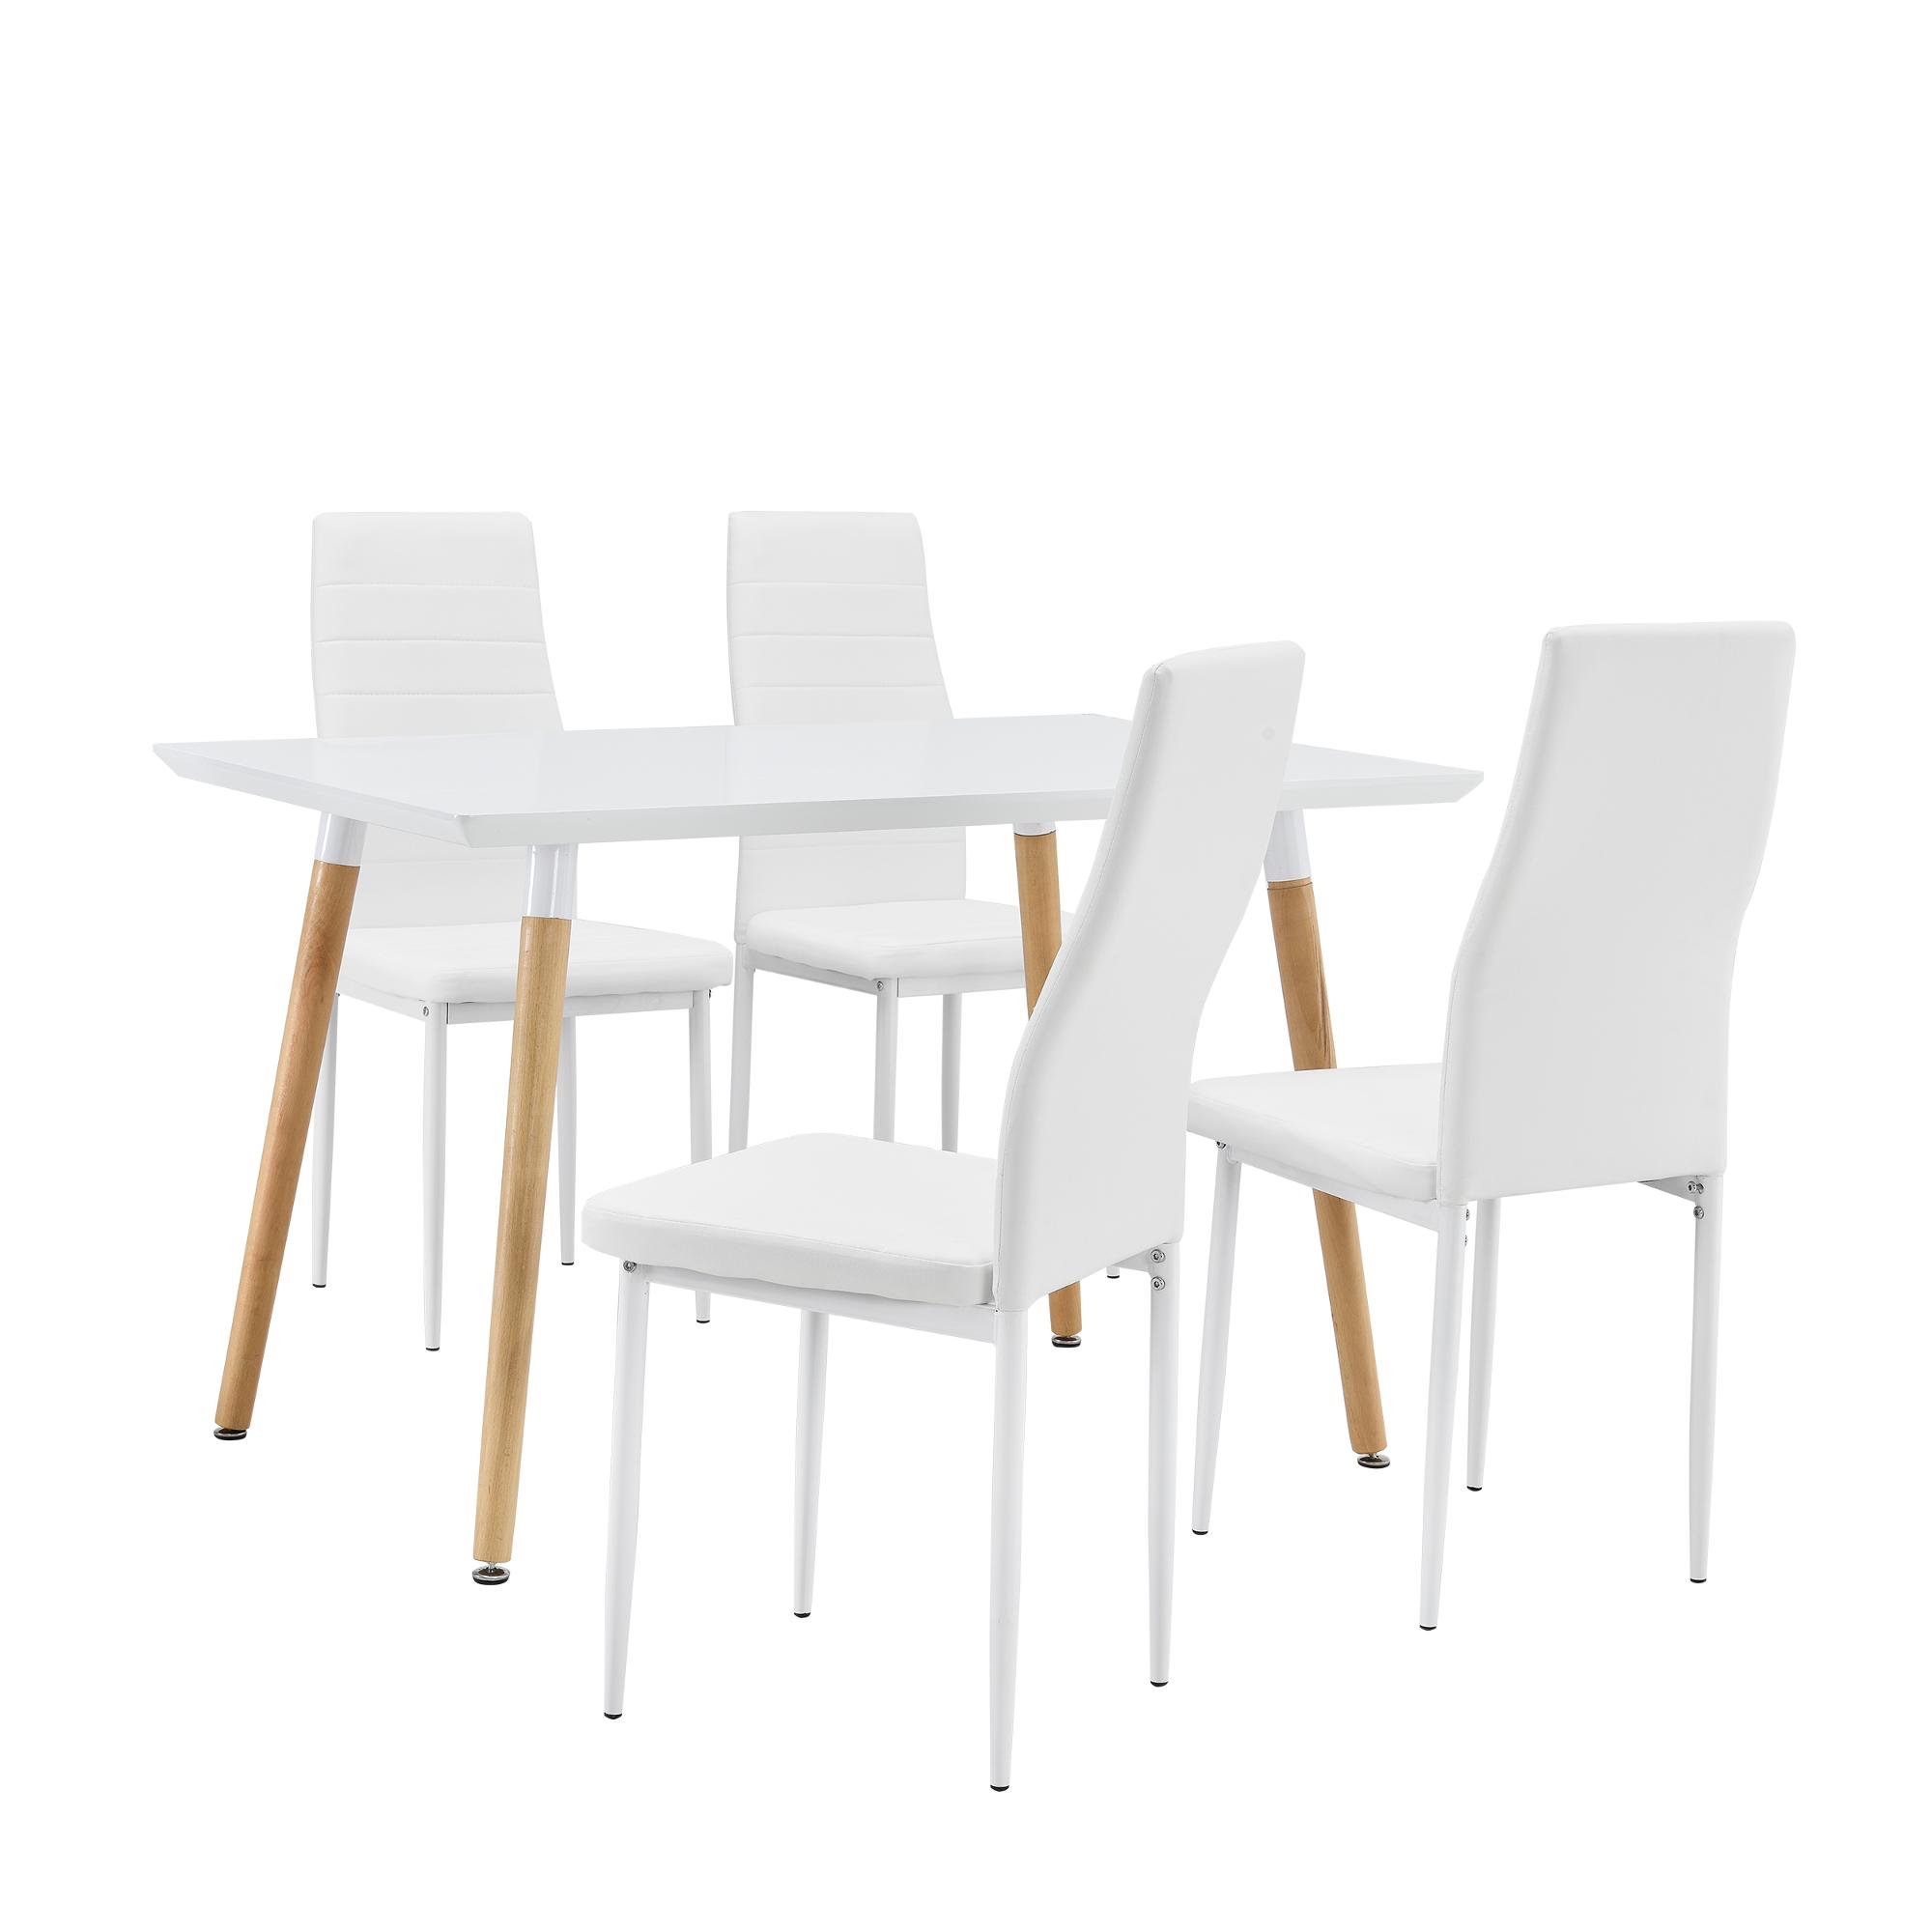 Set de comedor mesa 4 sillas blancas 120x70cm for Sillas blancas apilables